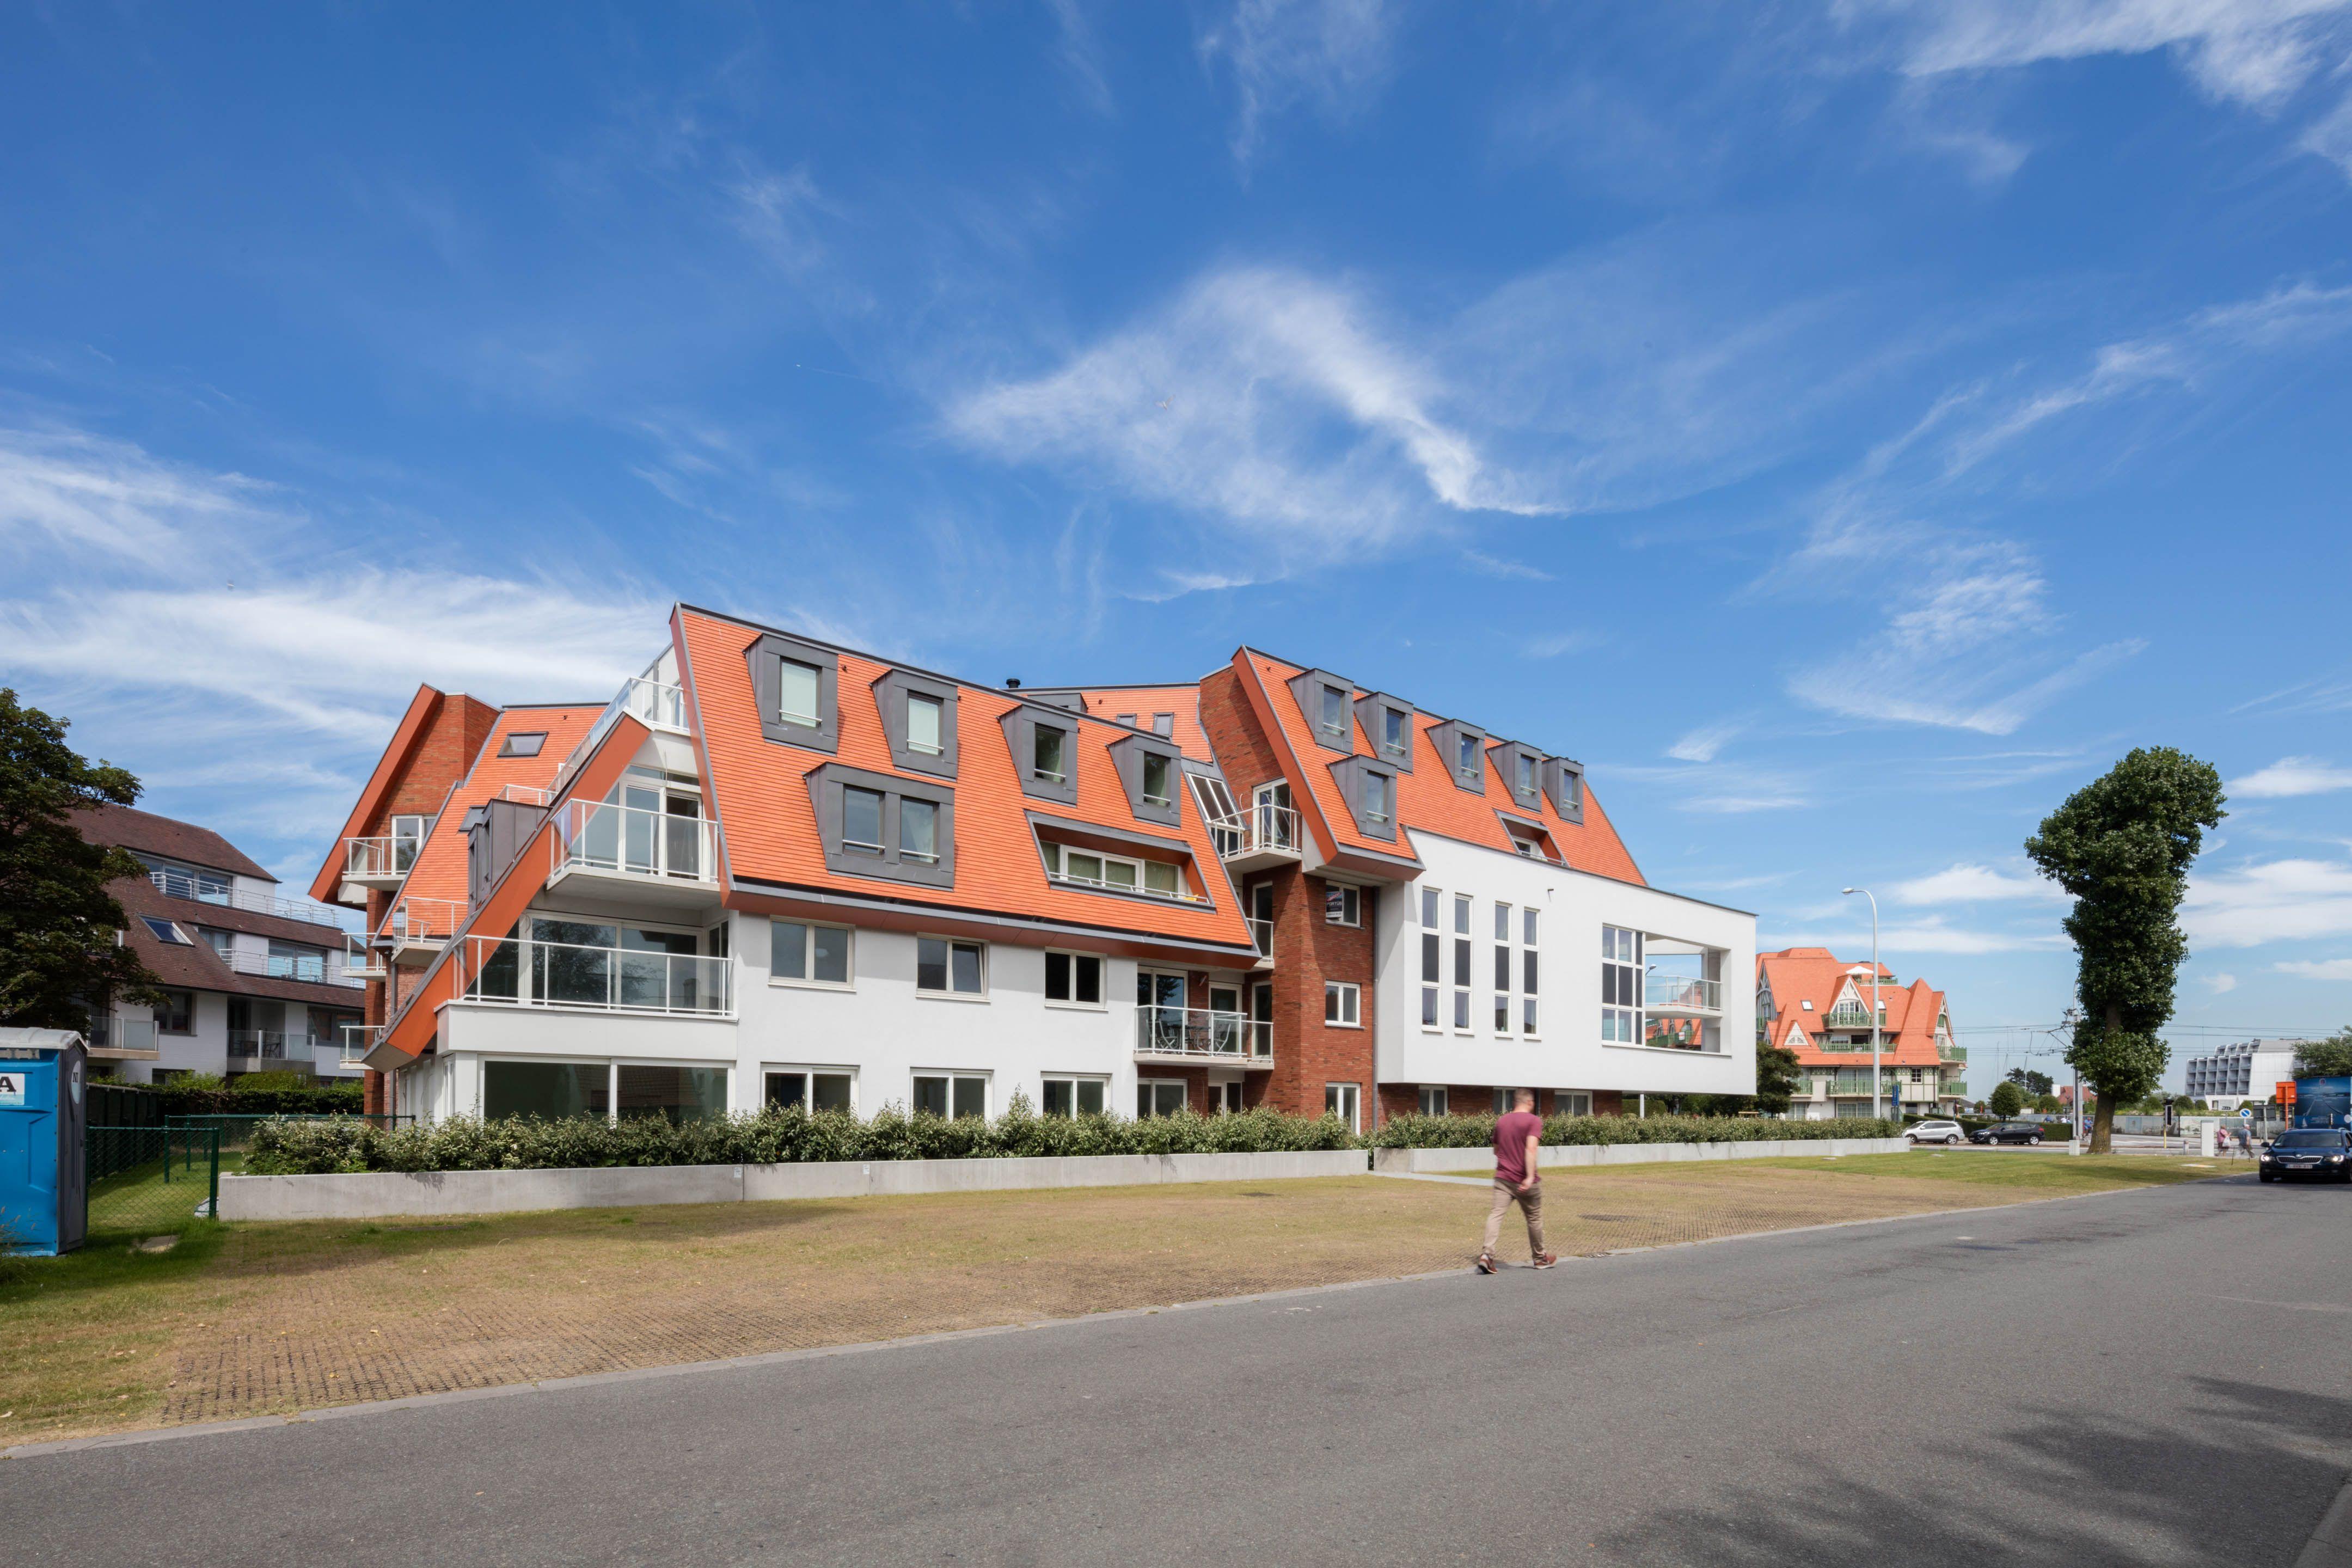 Appartement Residentie Villa Crombez Nieuwpoort - 9258